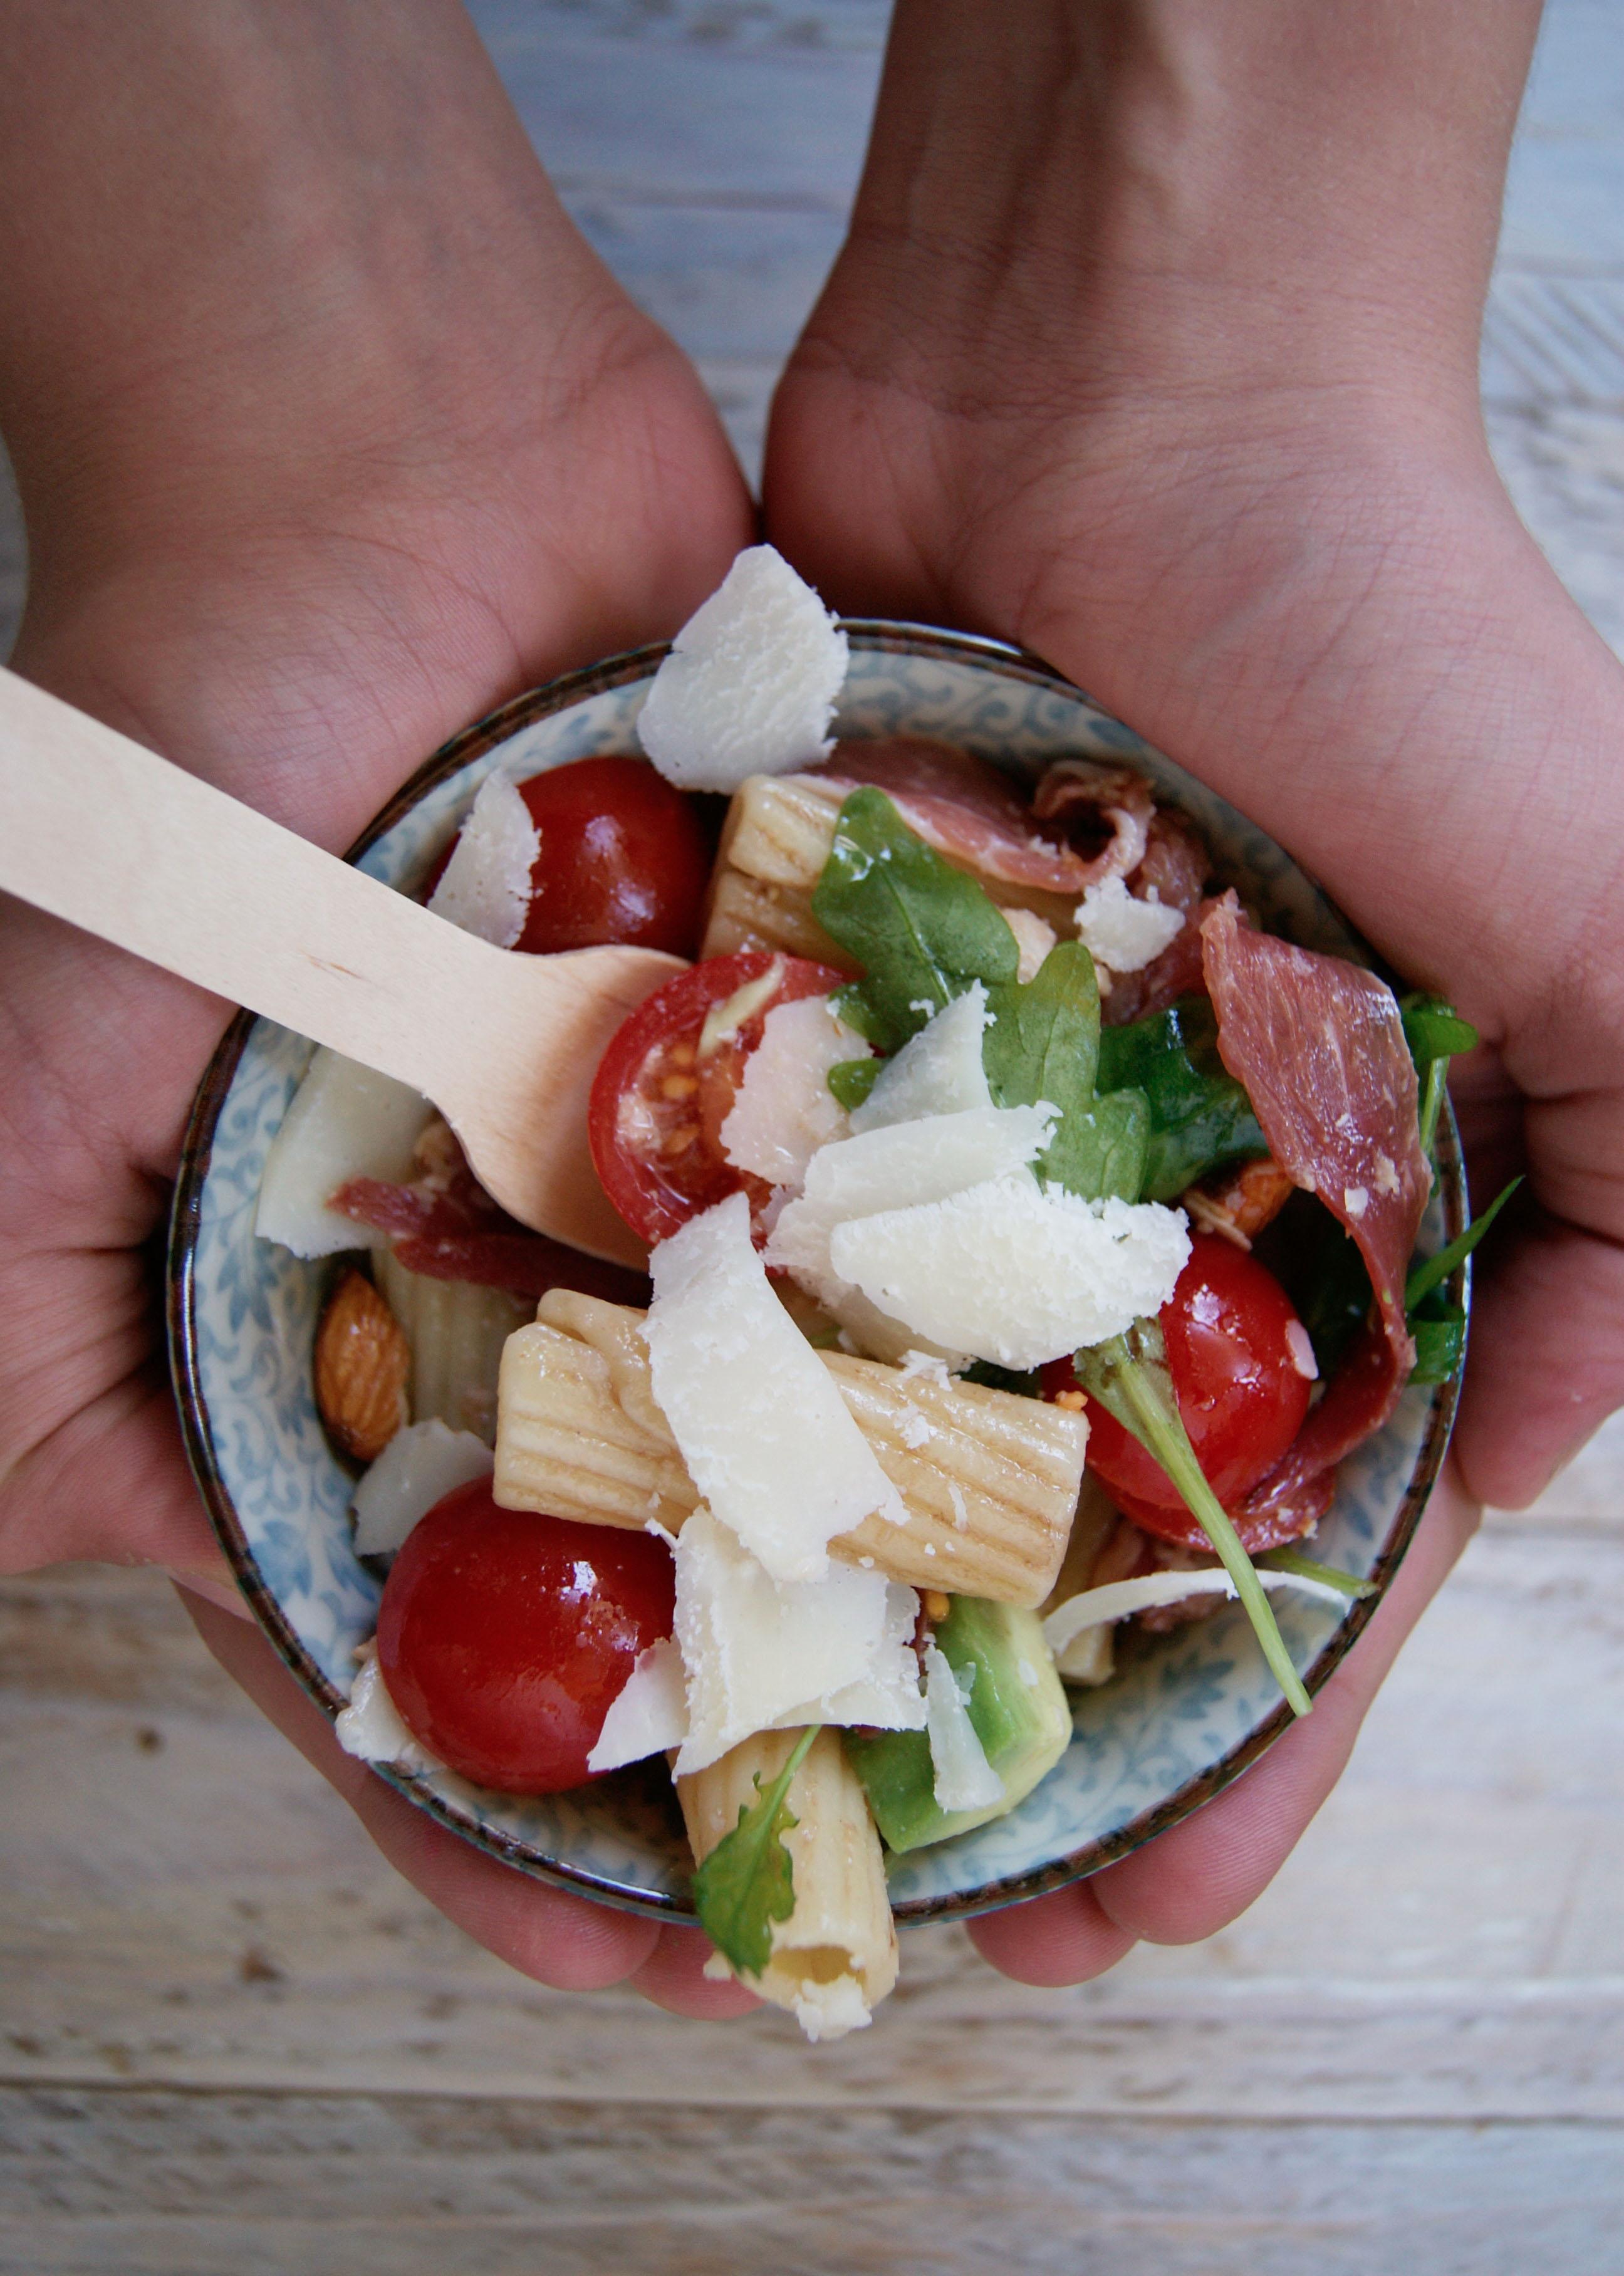 Salade de p tes l 39 italienne meg cook - Salade de pates jambon ...